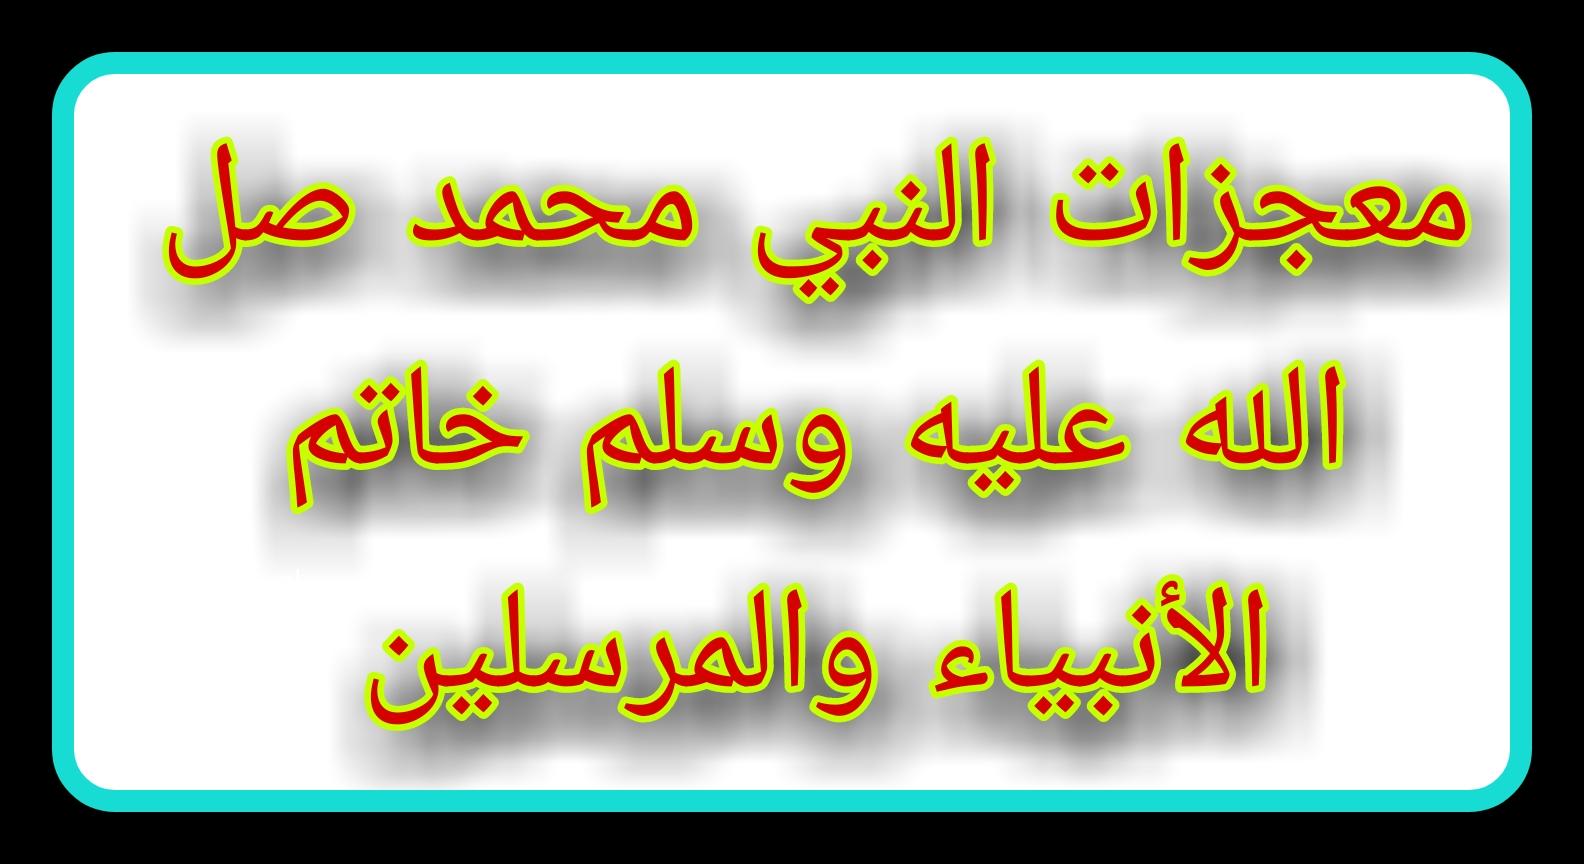 معجزات الرسول محمد صلى الله عليه وسلم   معجزات الرسول محمد في القران